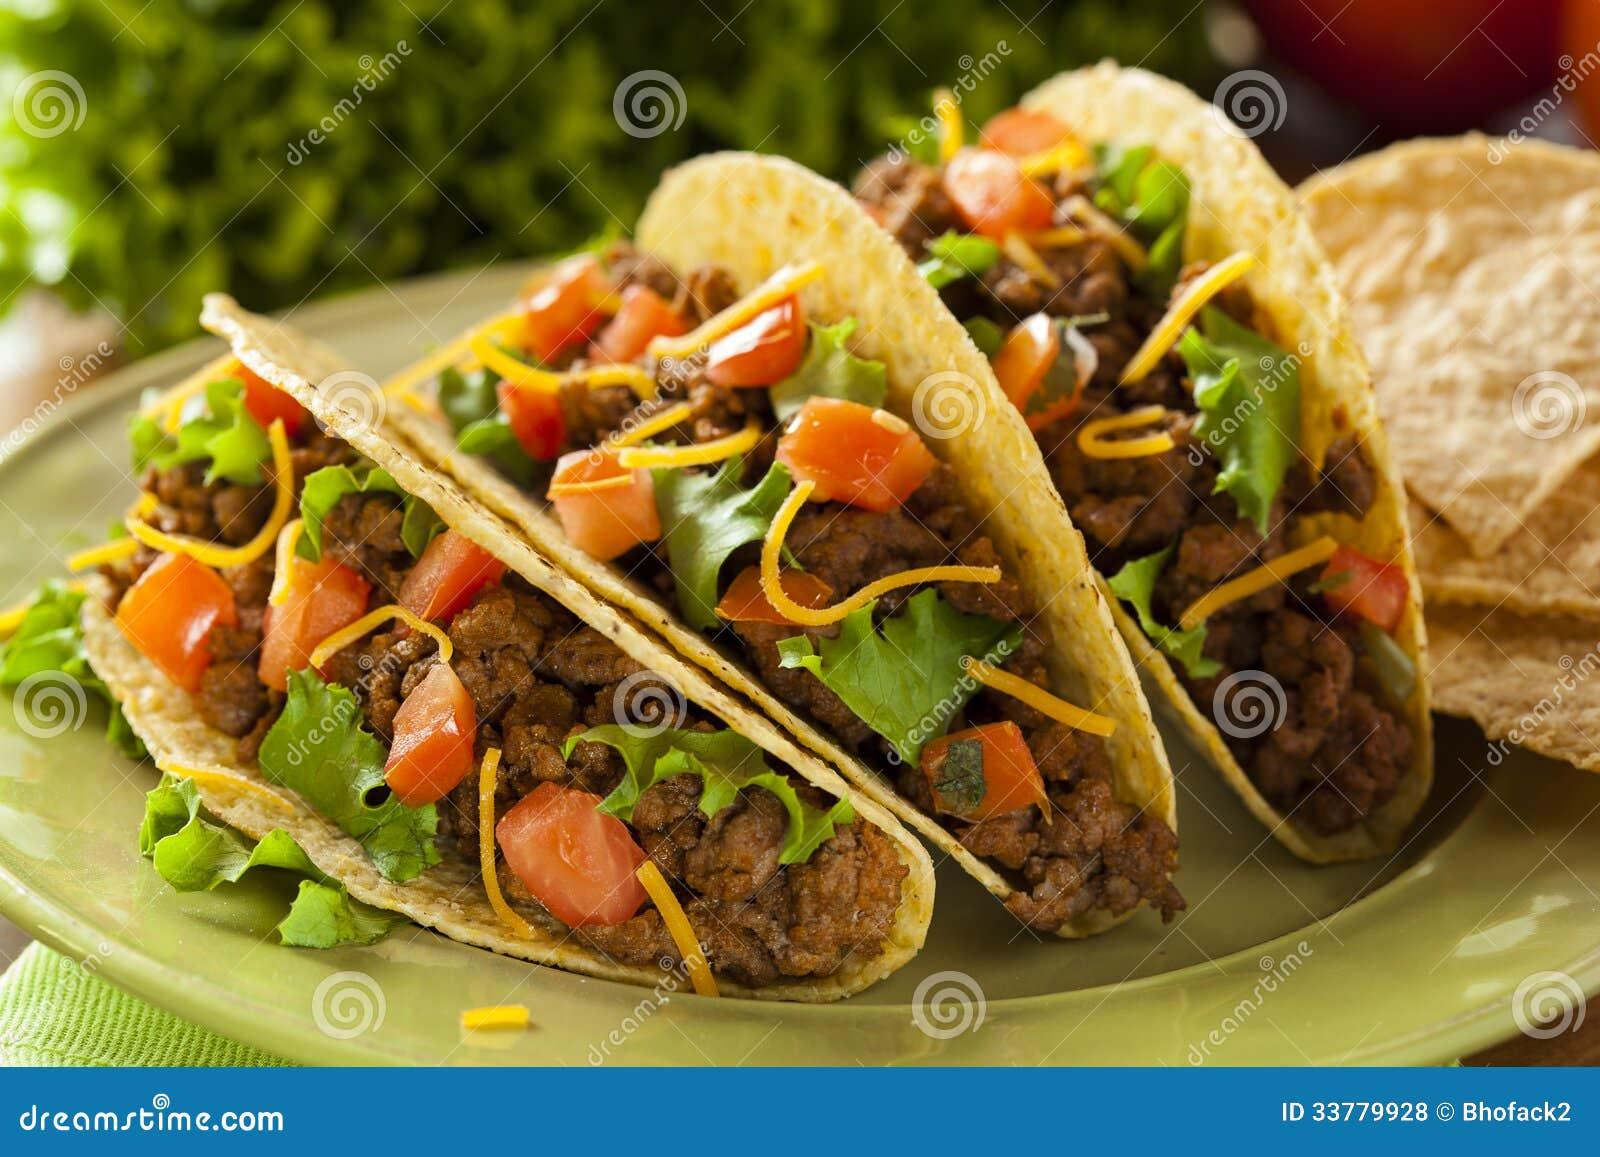 Tacos fait maison de boeuf hach photos libres de droits image 33779928 - Comment faire des tacos maison ...